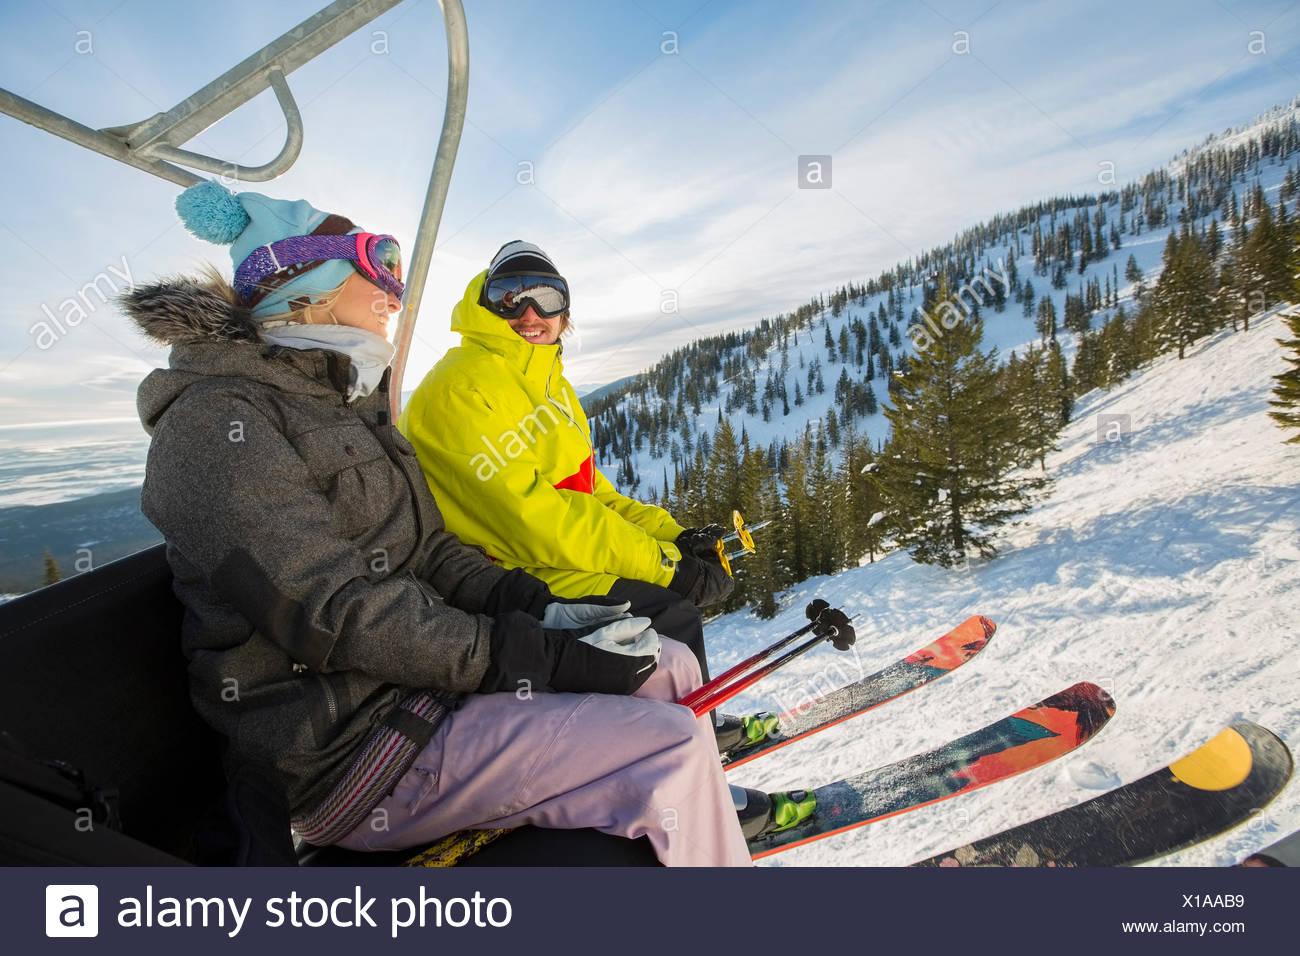 Couple in skiwear assis sur téléski Photo Stock